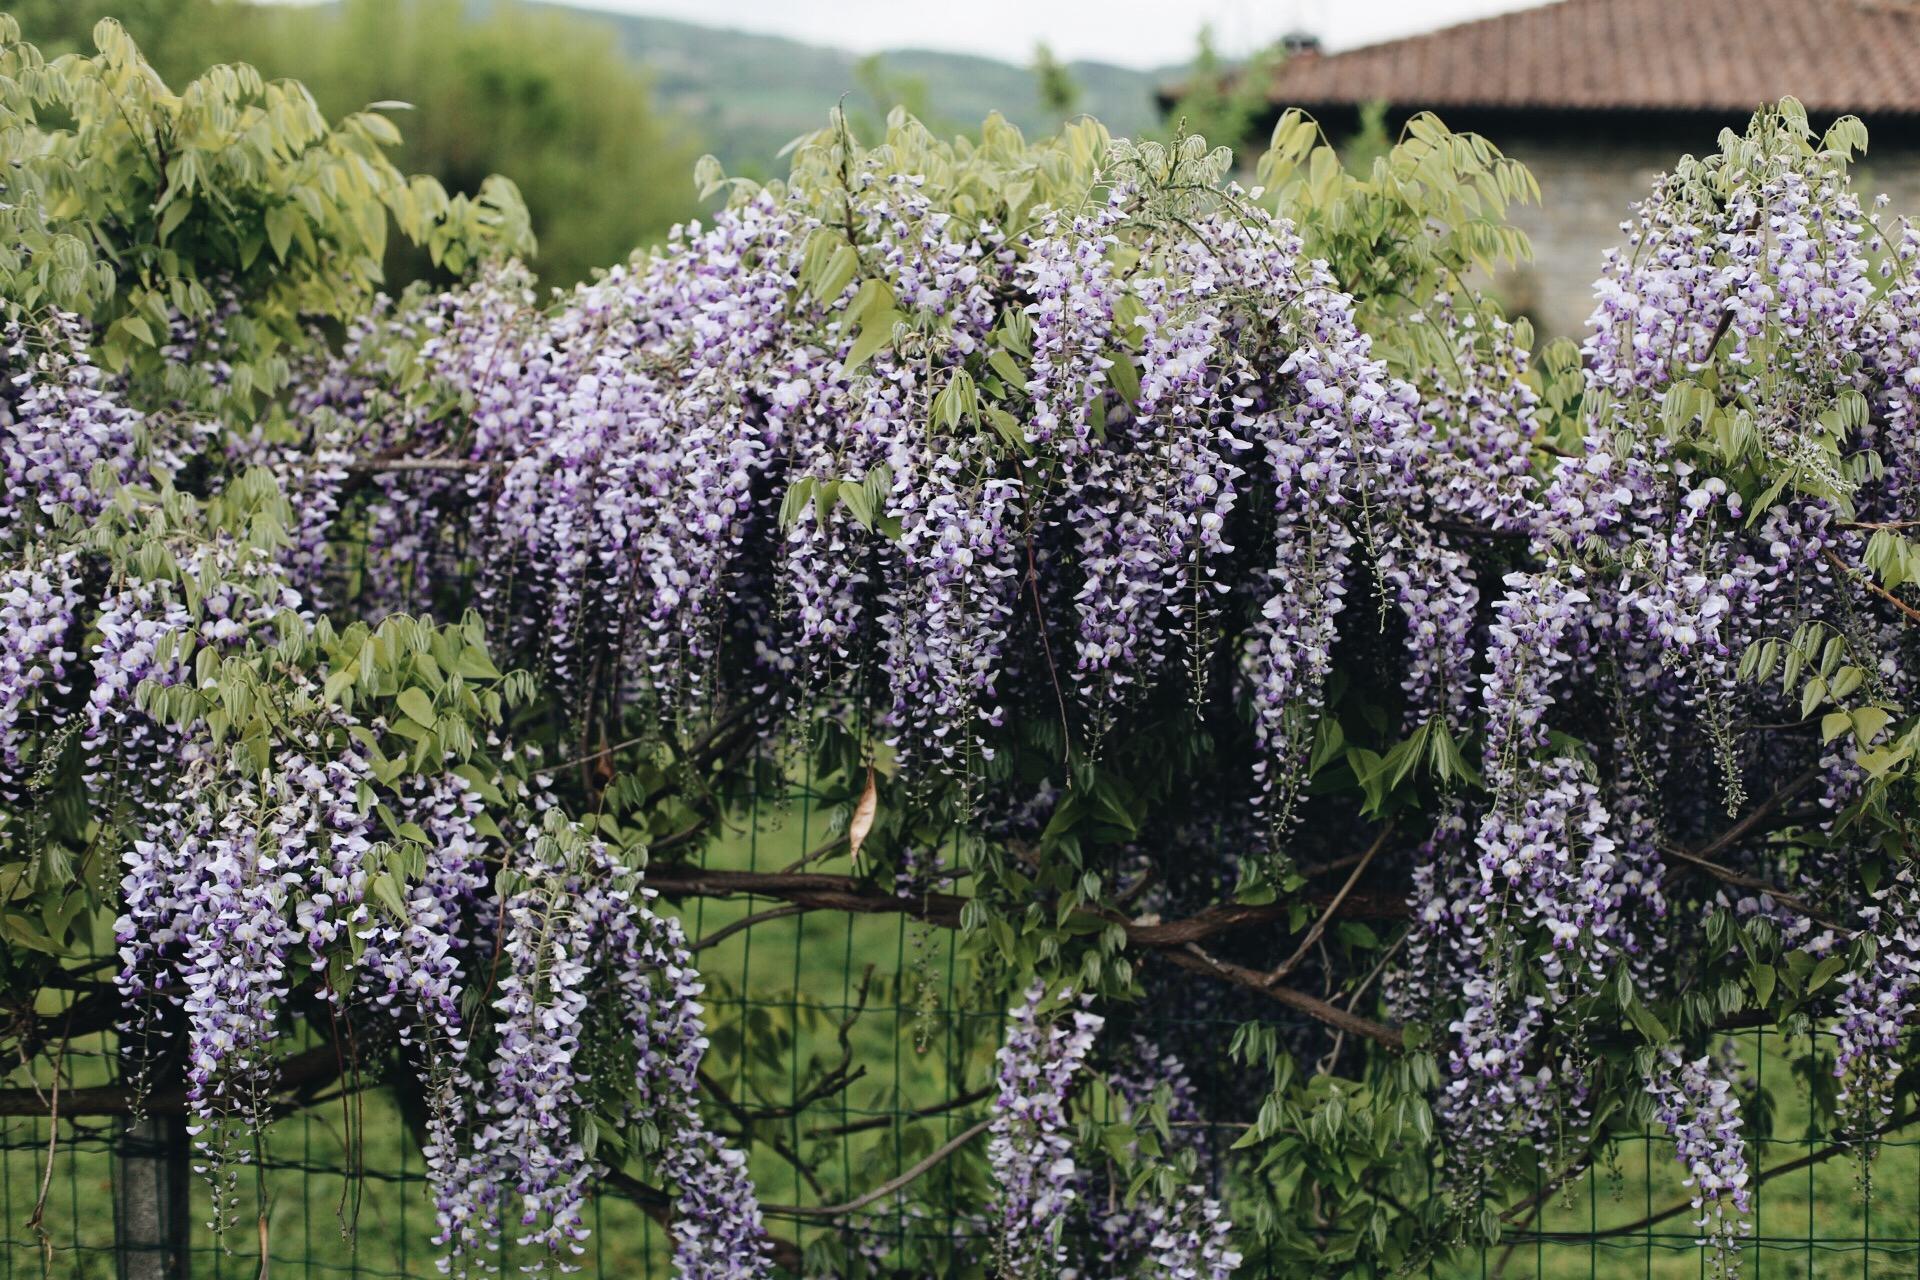 Tidigare har vi varit i Piemonte-regionen på hösten, när druvorna hängt tunga på vinfälten. Ljuvligt!  Nu har vi kunnat konstatera att våren här att minst lika underbar! Med blommande Blåregn och krispig grönska i det böljande landskapet.